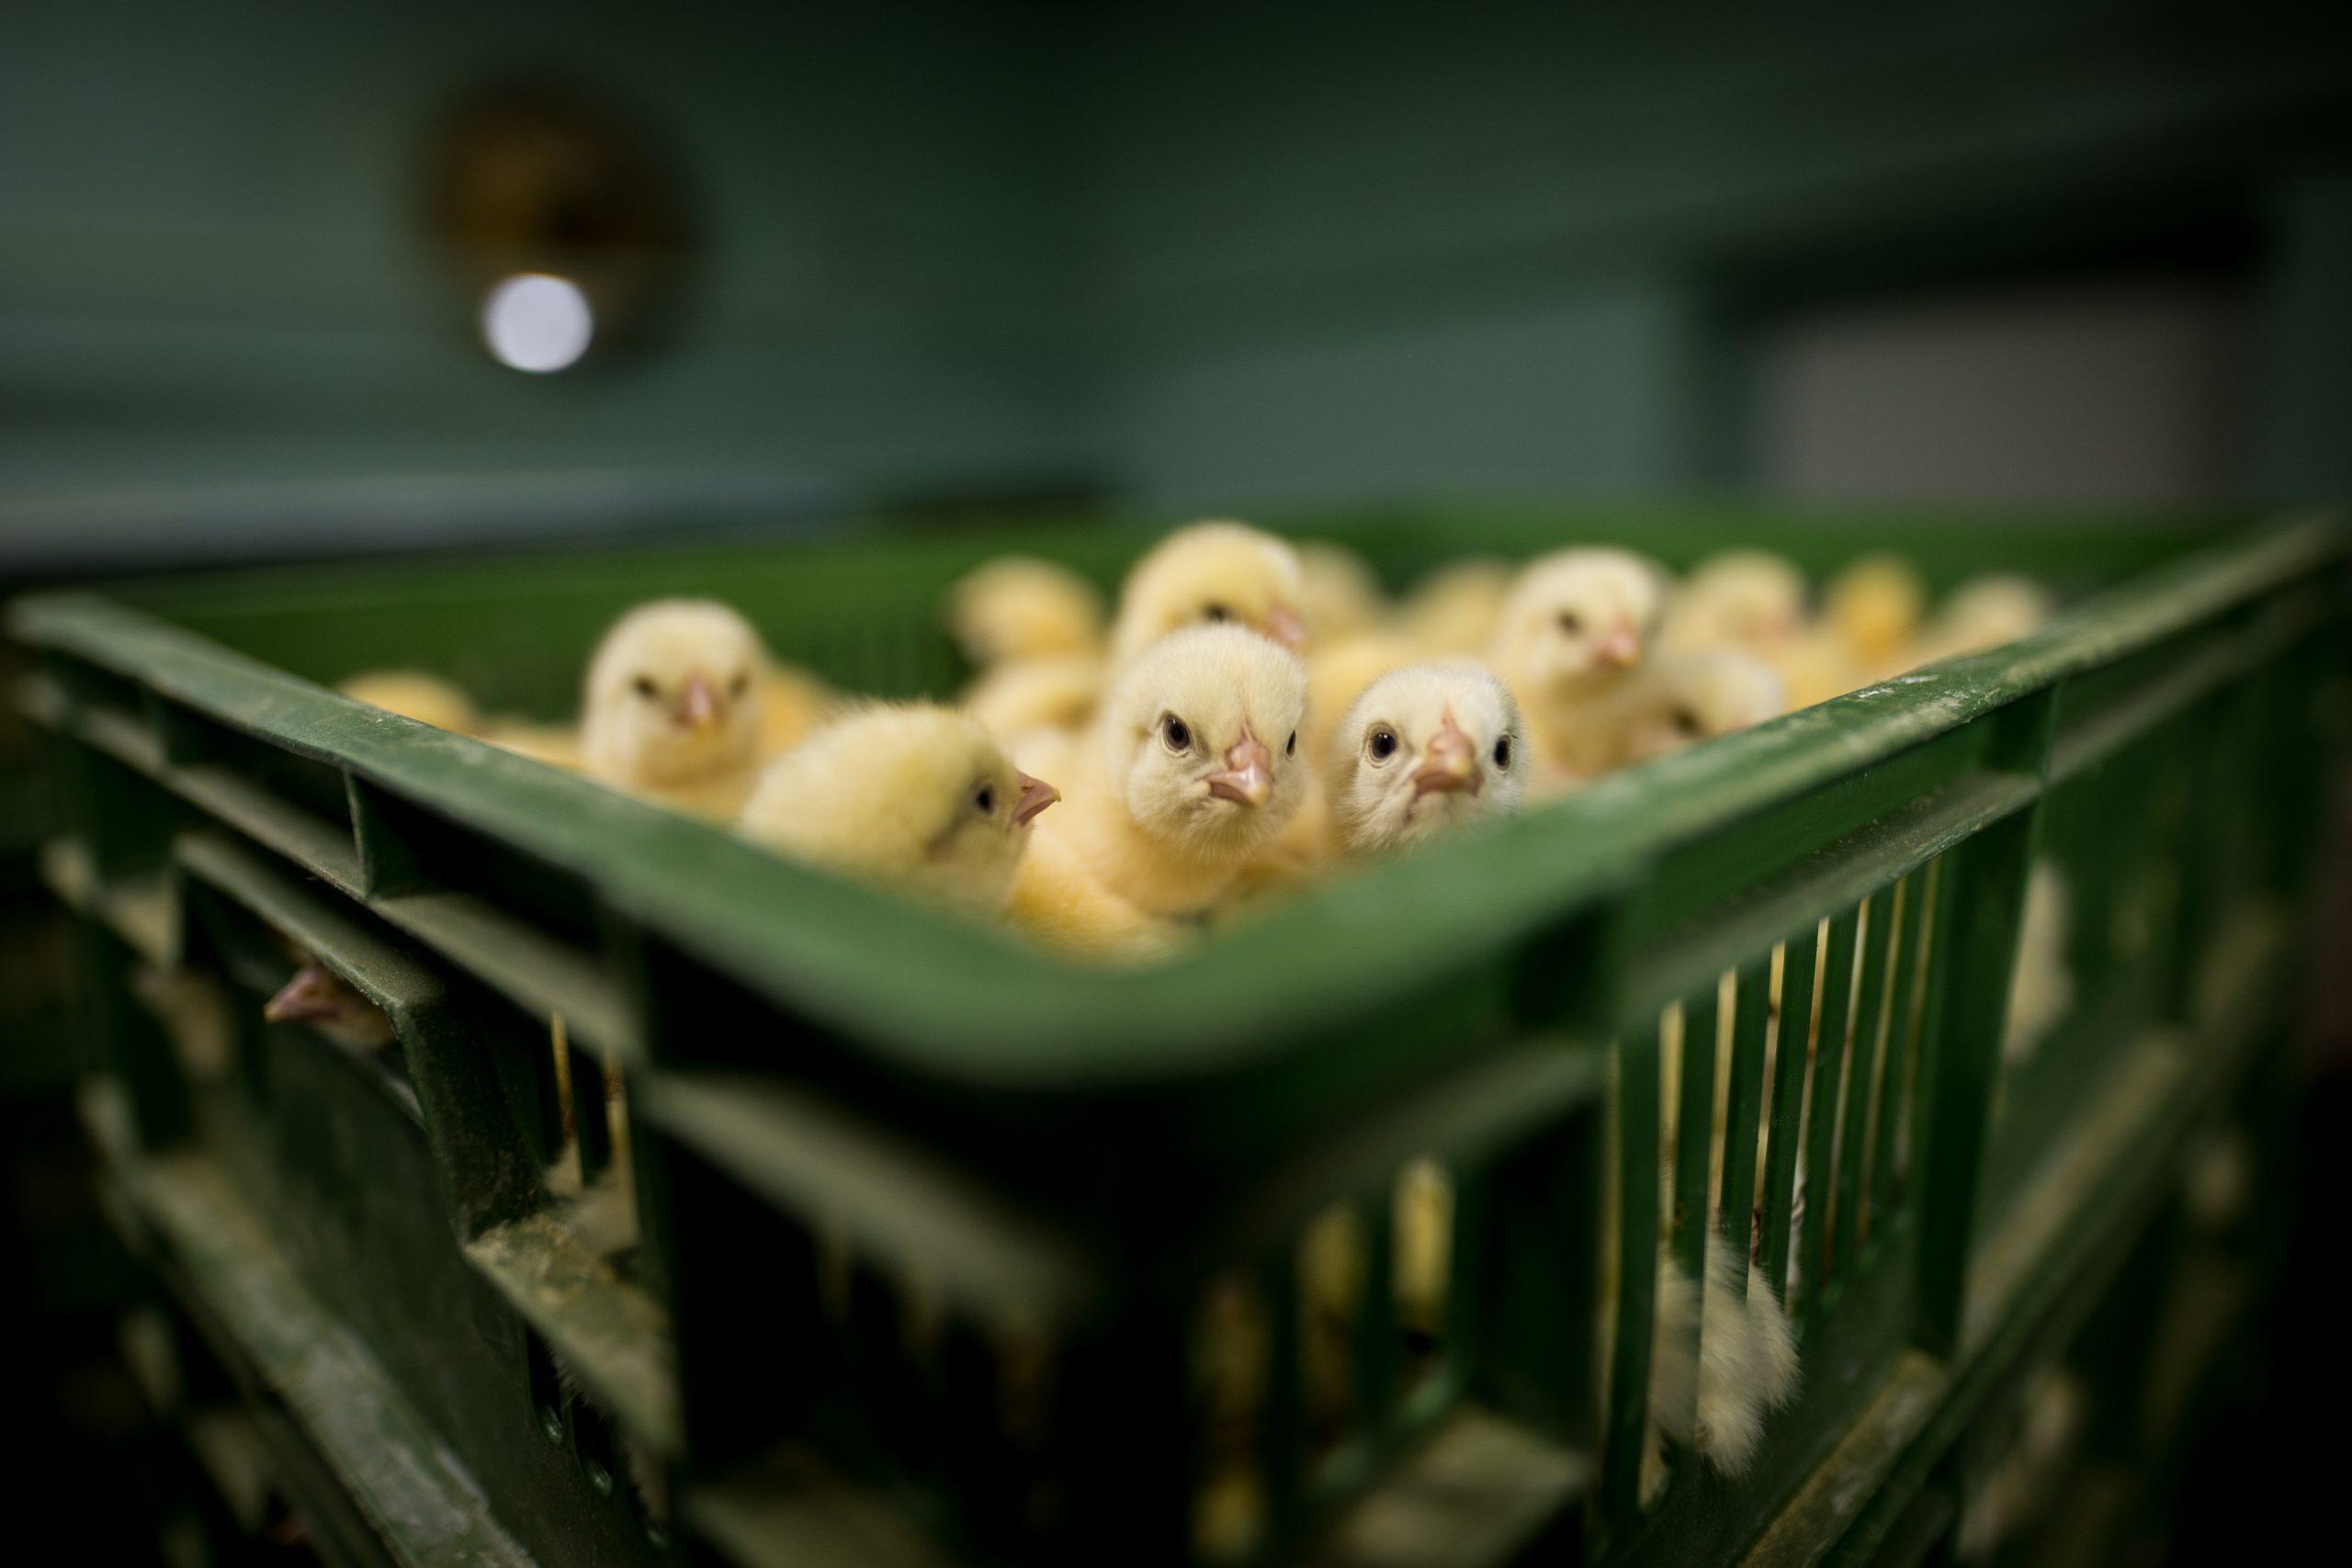 Mange kyllinger ligger i en plasteske i produksjonsfabrikken